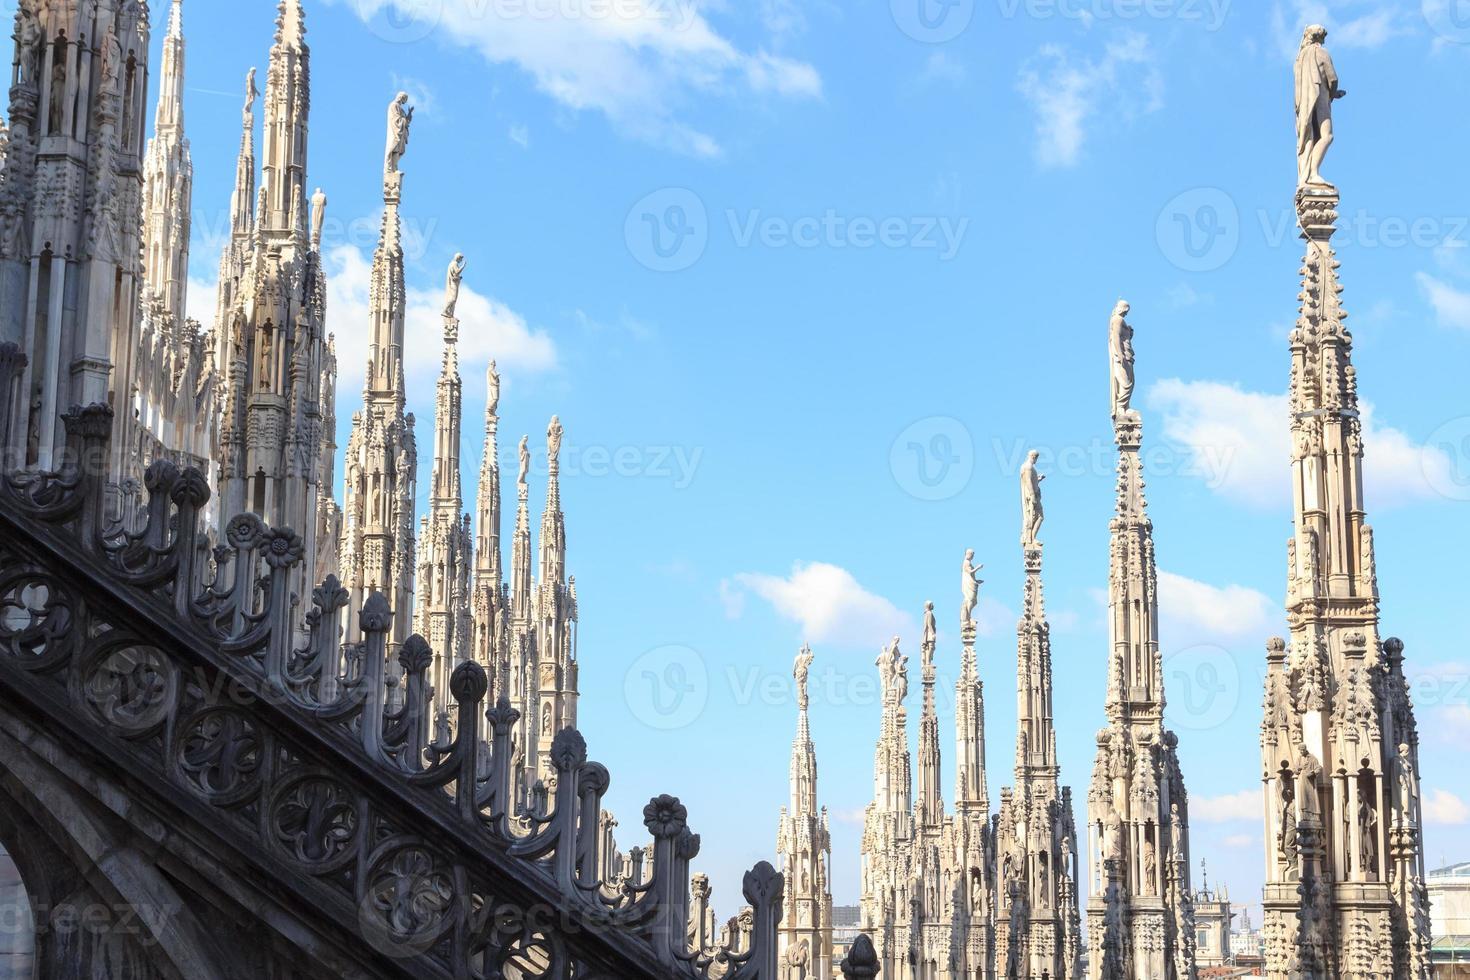 beelden op de kathedraal van Milaan en de blauwe hemel foto